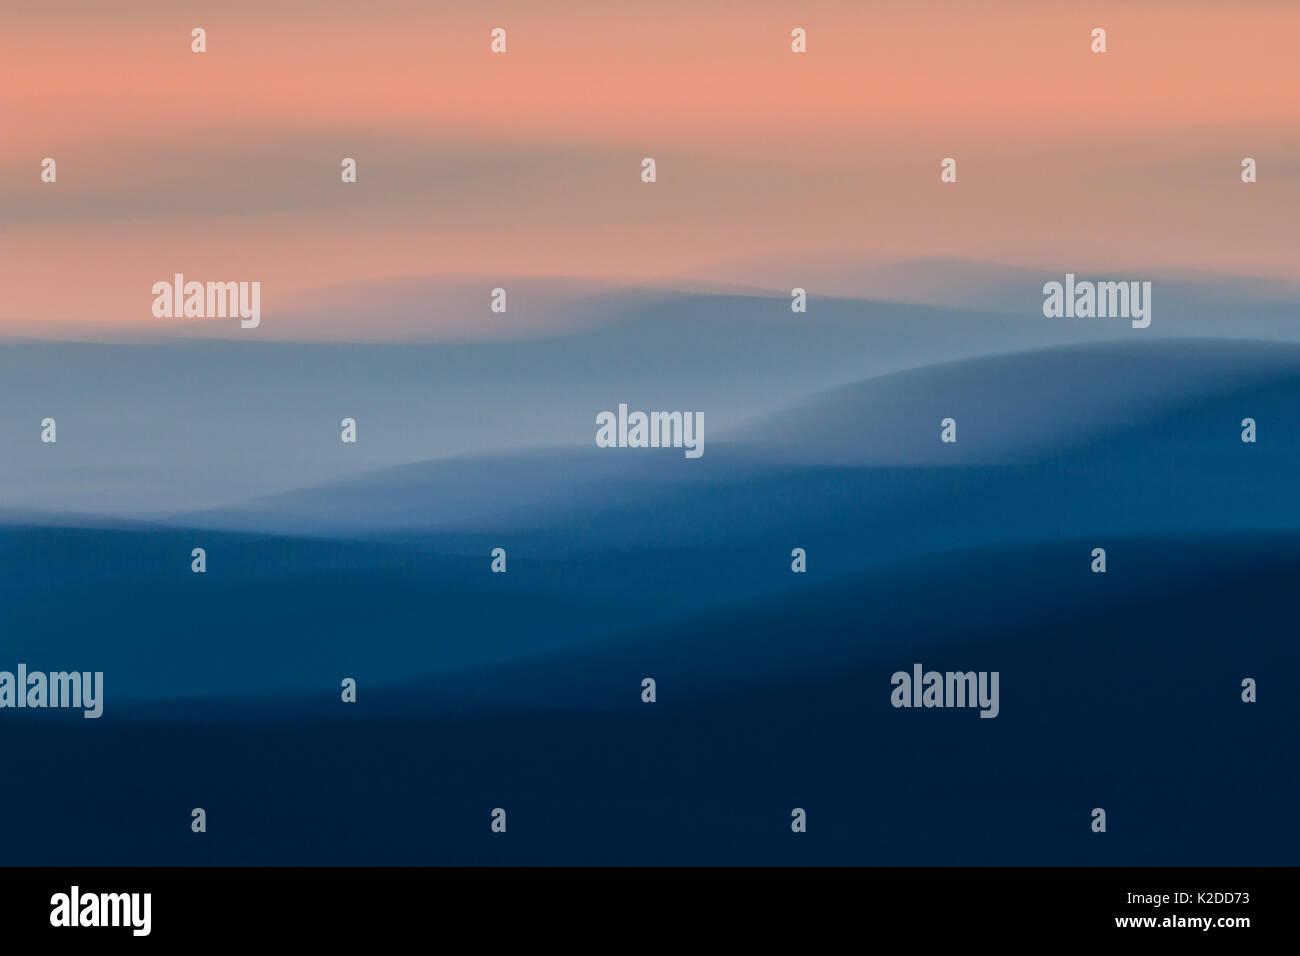 Resumen de las montañas al atardecer, el Parque Nacional de Cairngorms, Escocia, Reino Unido, julio de 2014. Imagen De Stock